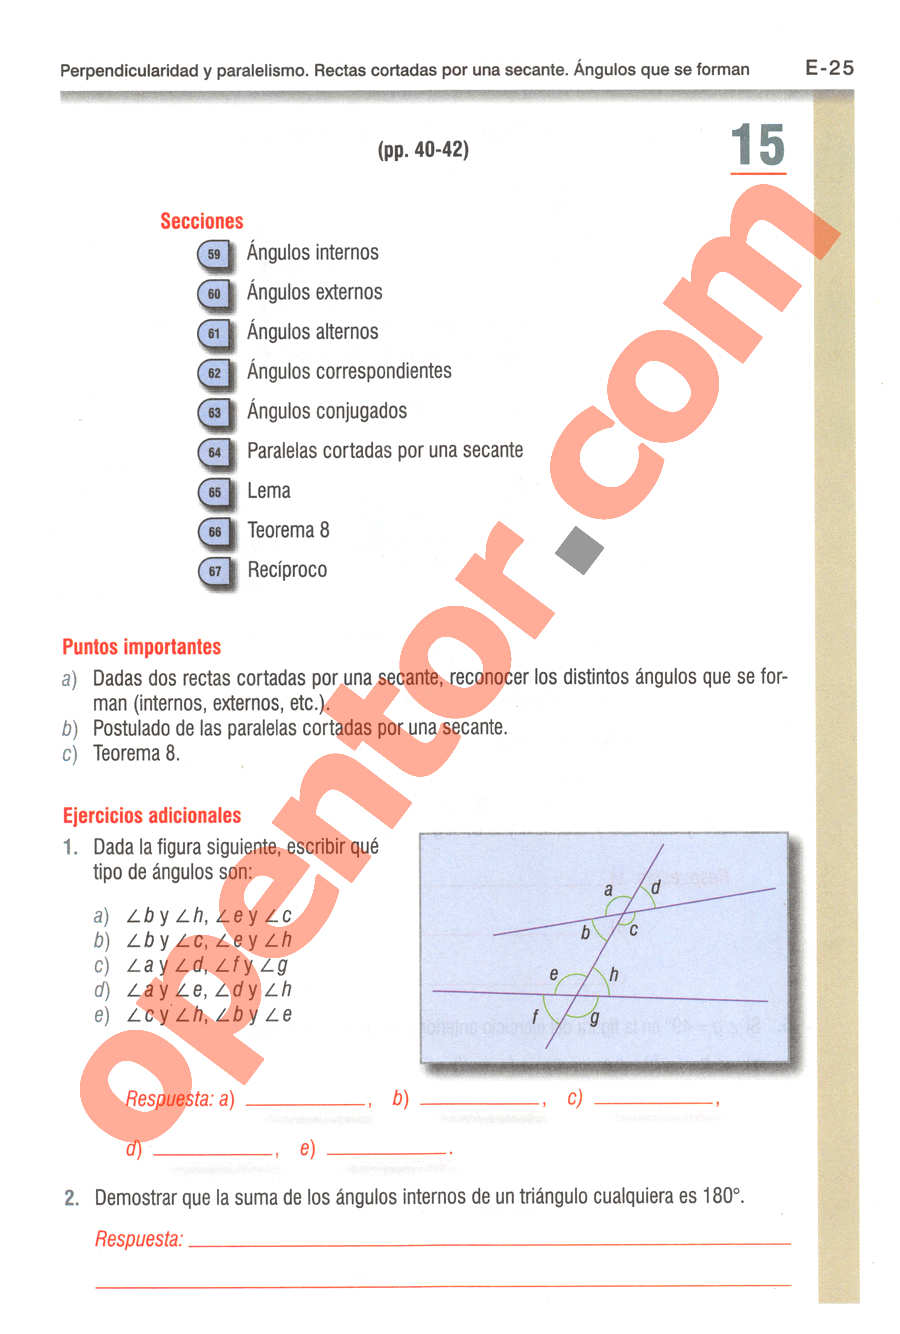 Geometría y Trigonometría de Baldor - Página E25